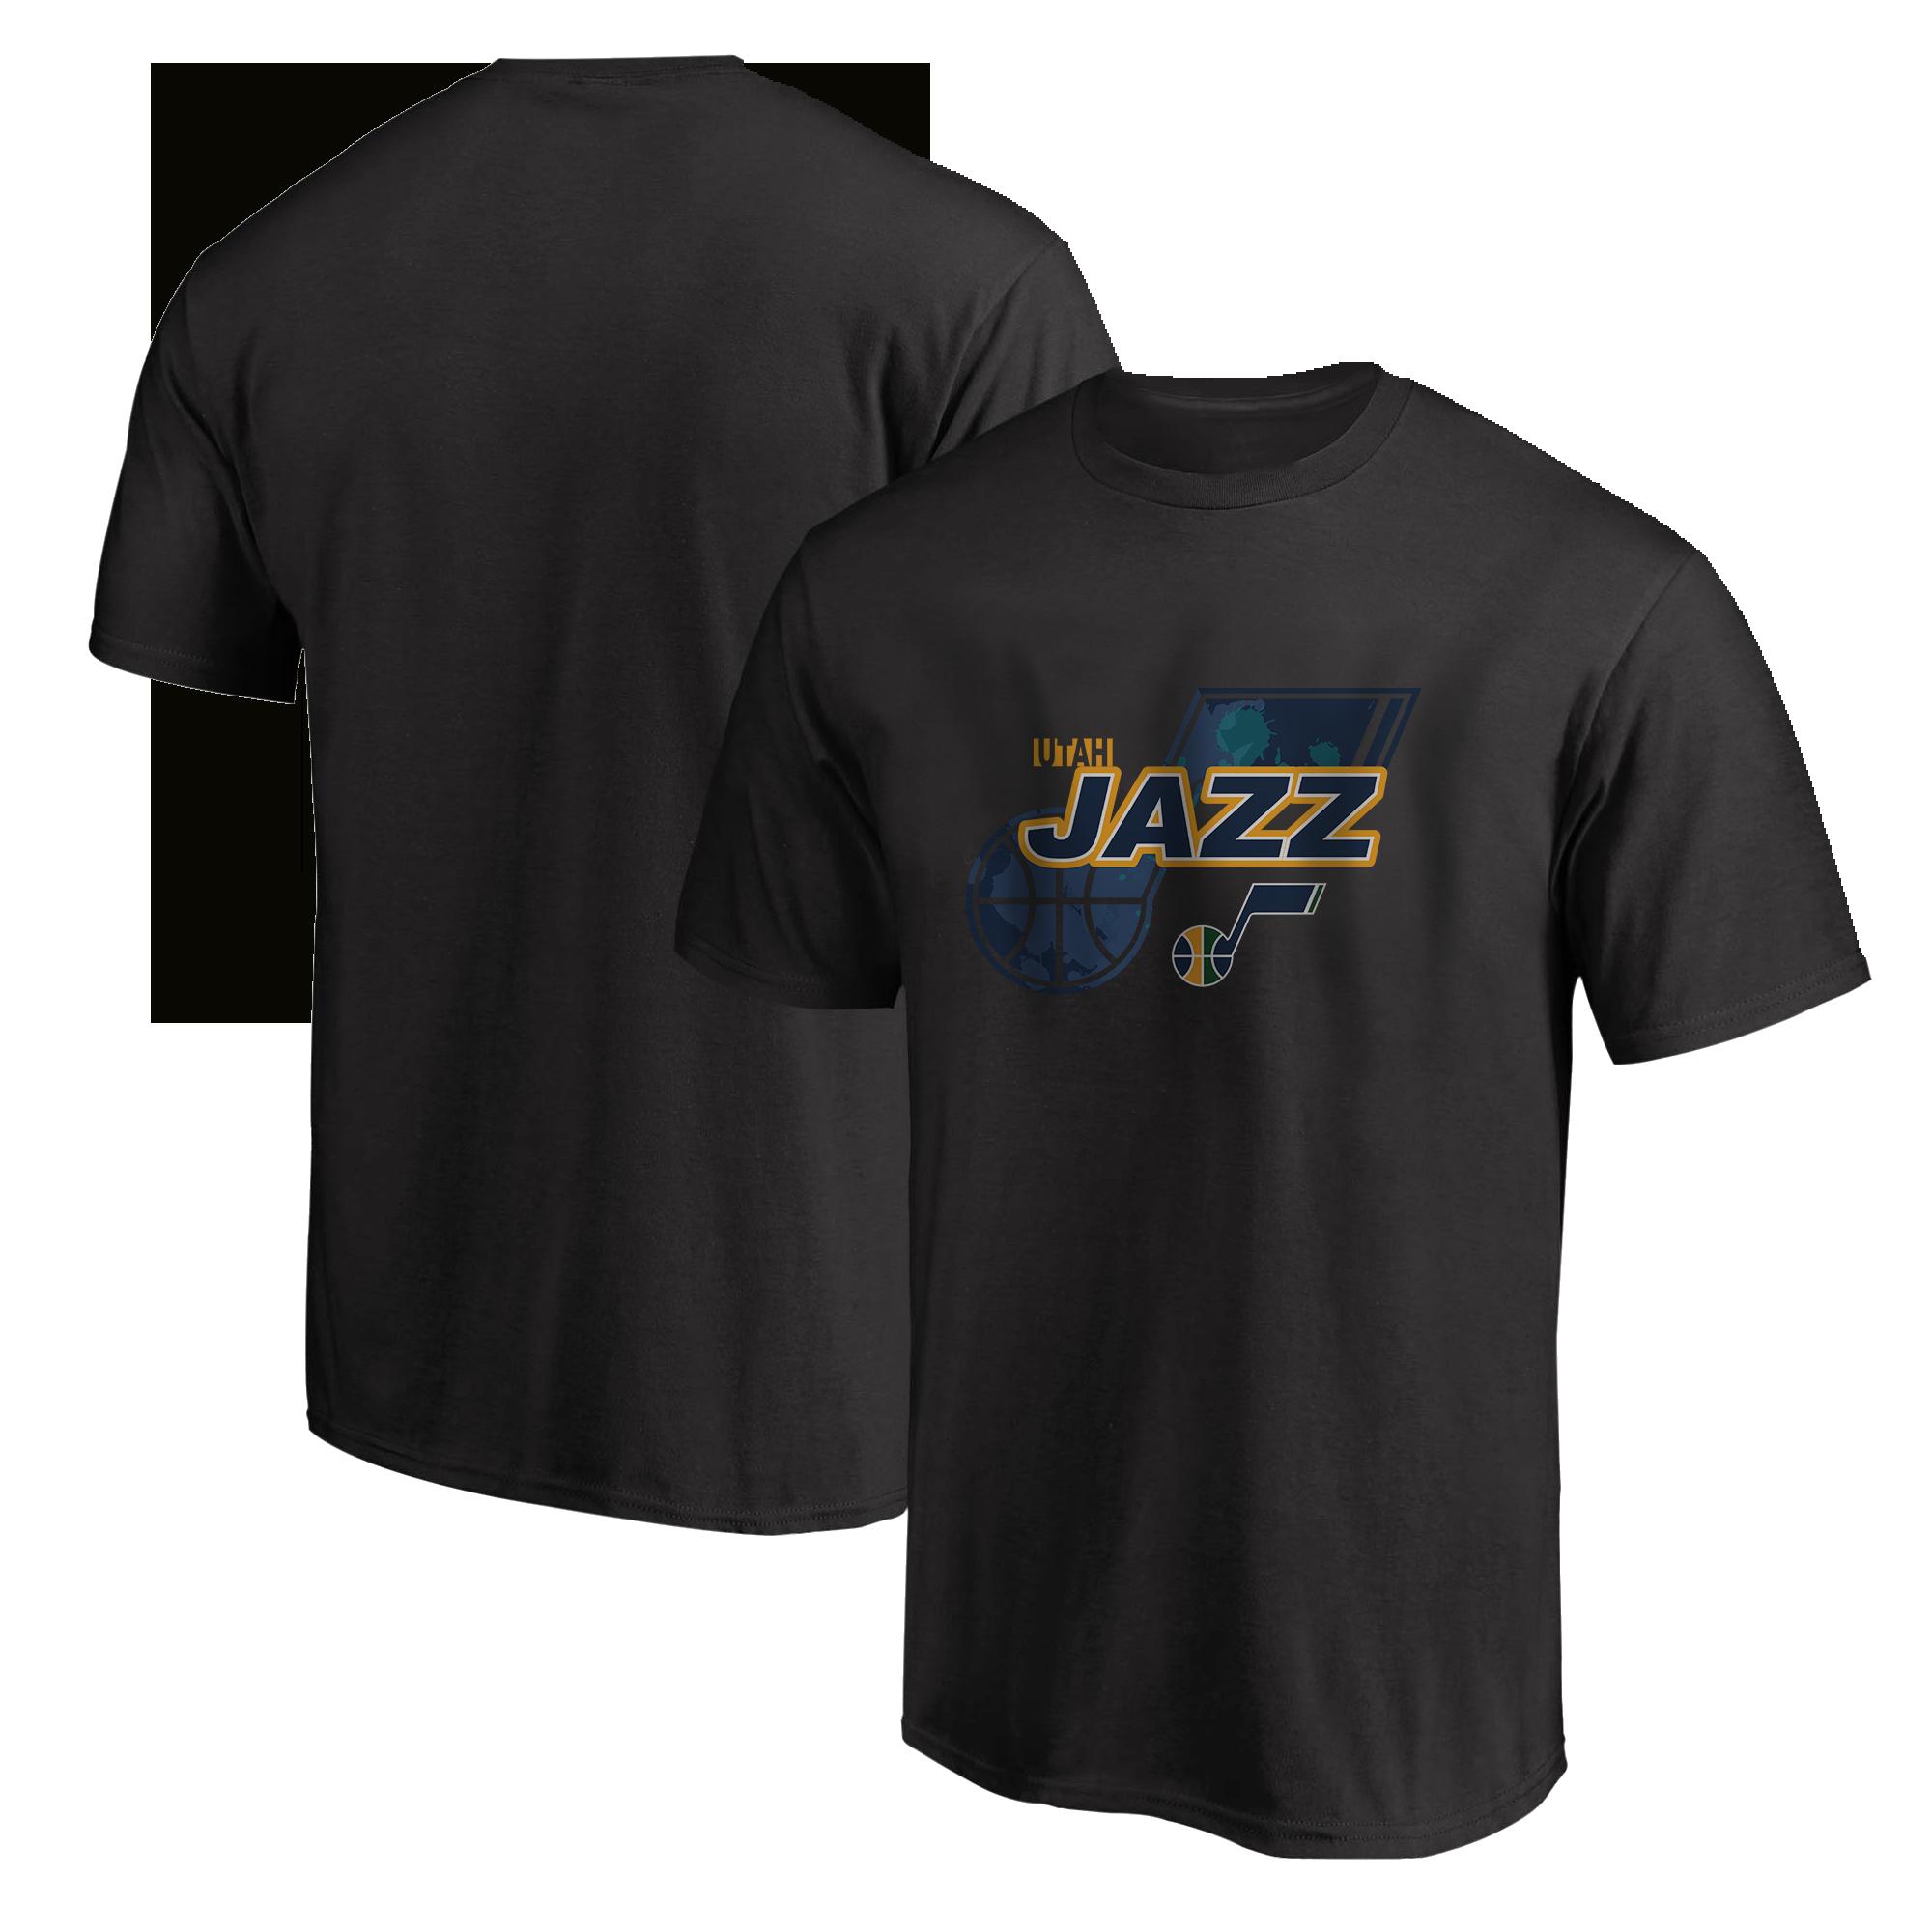 Utah Jazz  Tshirt (TSH-BLC-NP-200-NBA-UTH-LOGO)